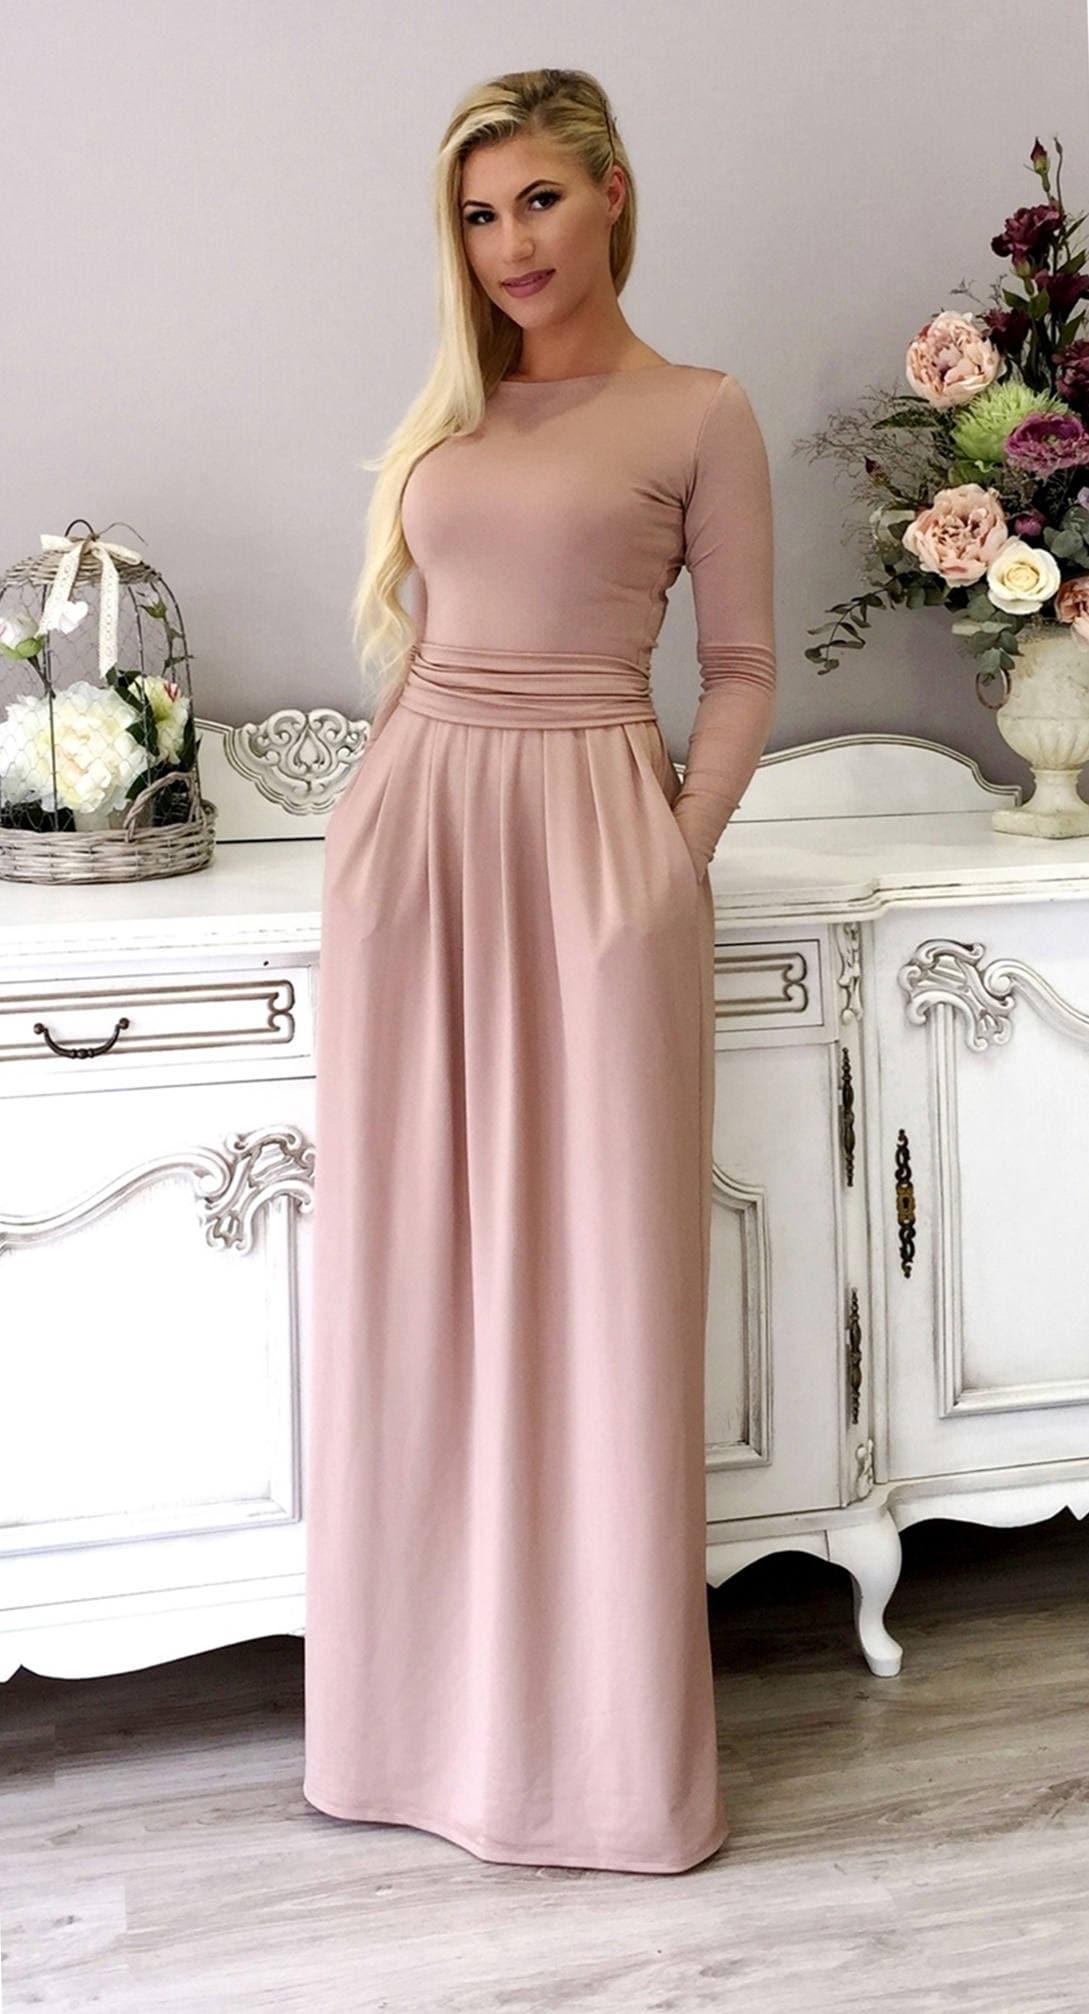 Fantástico Diseñar Sus Propios Vestidos De Dama De Honor Galería ...